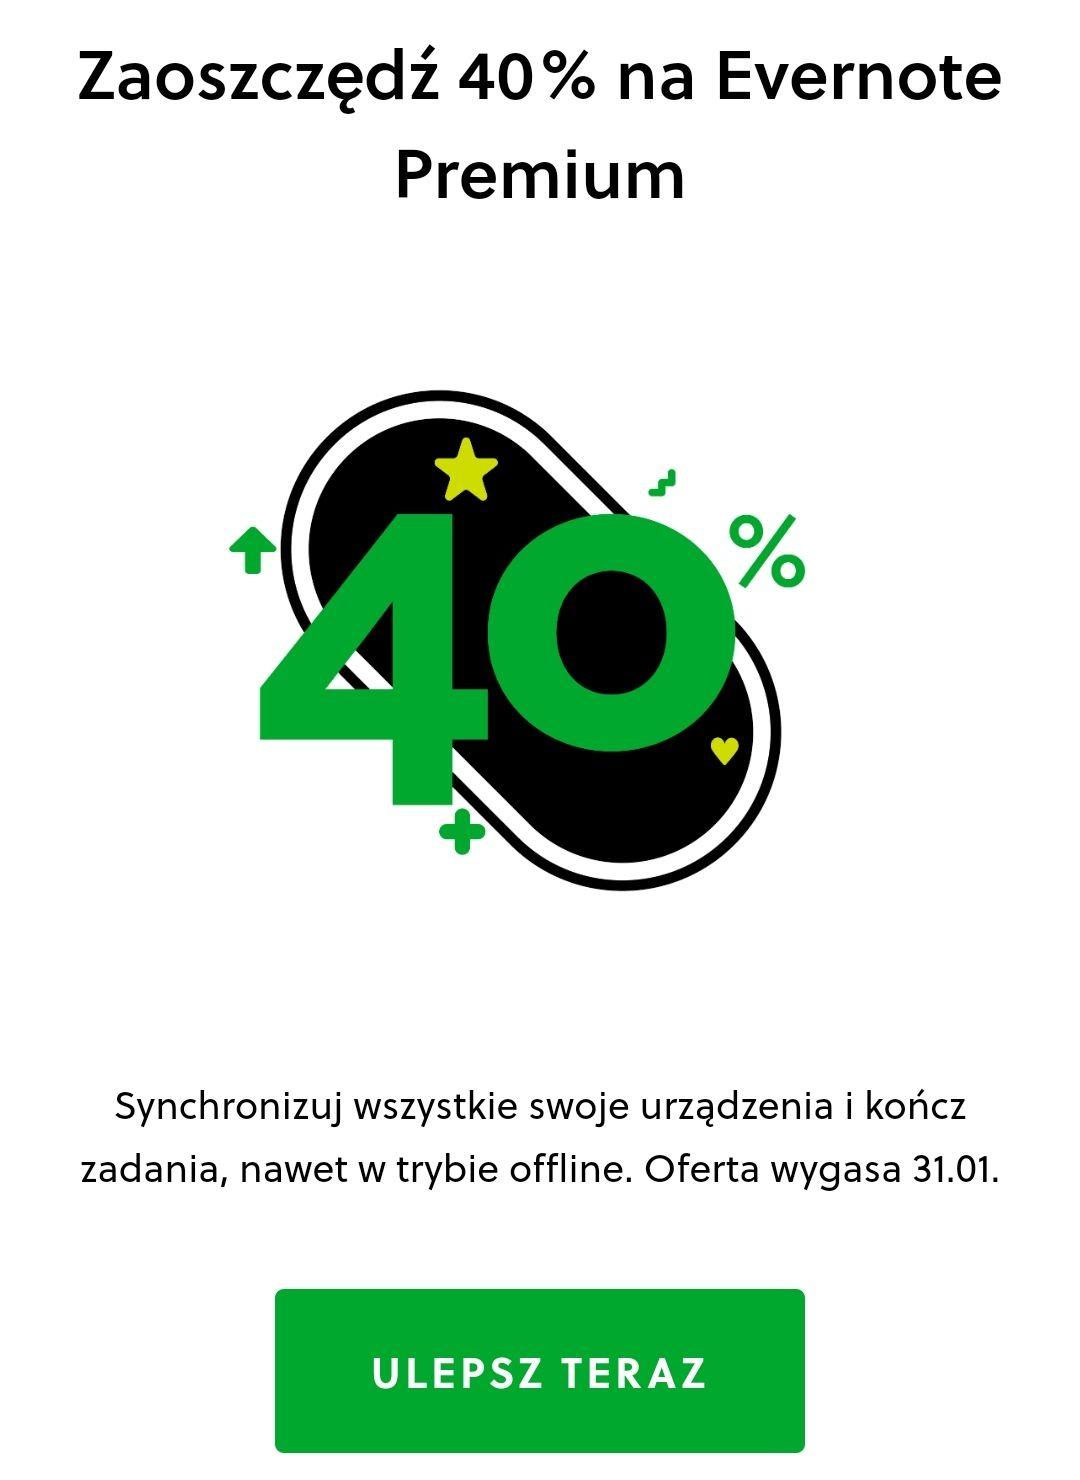 Evernote Premium do końca stycznia -40%